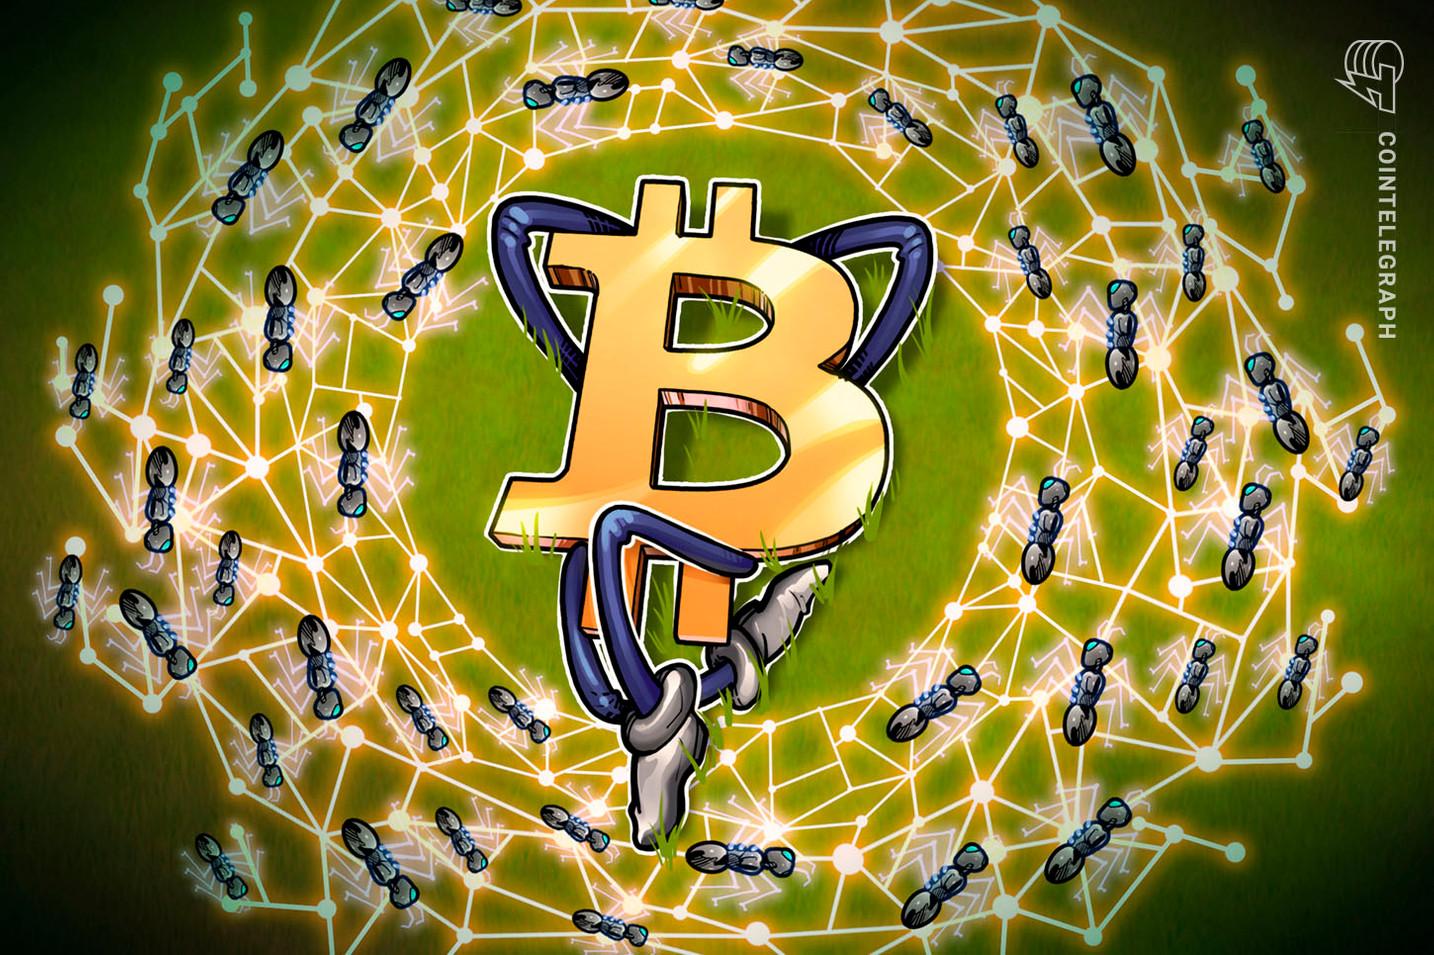 Hay más de 13 mil direcciones de Bitcoin por valor de 1 millón de dólares